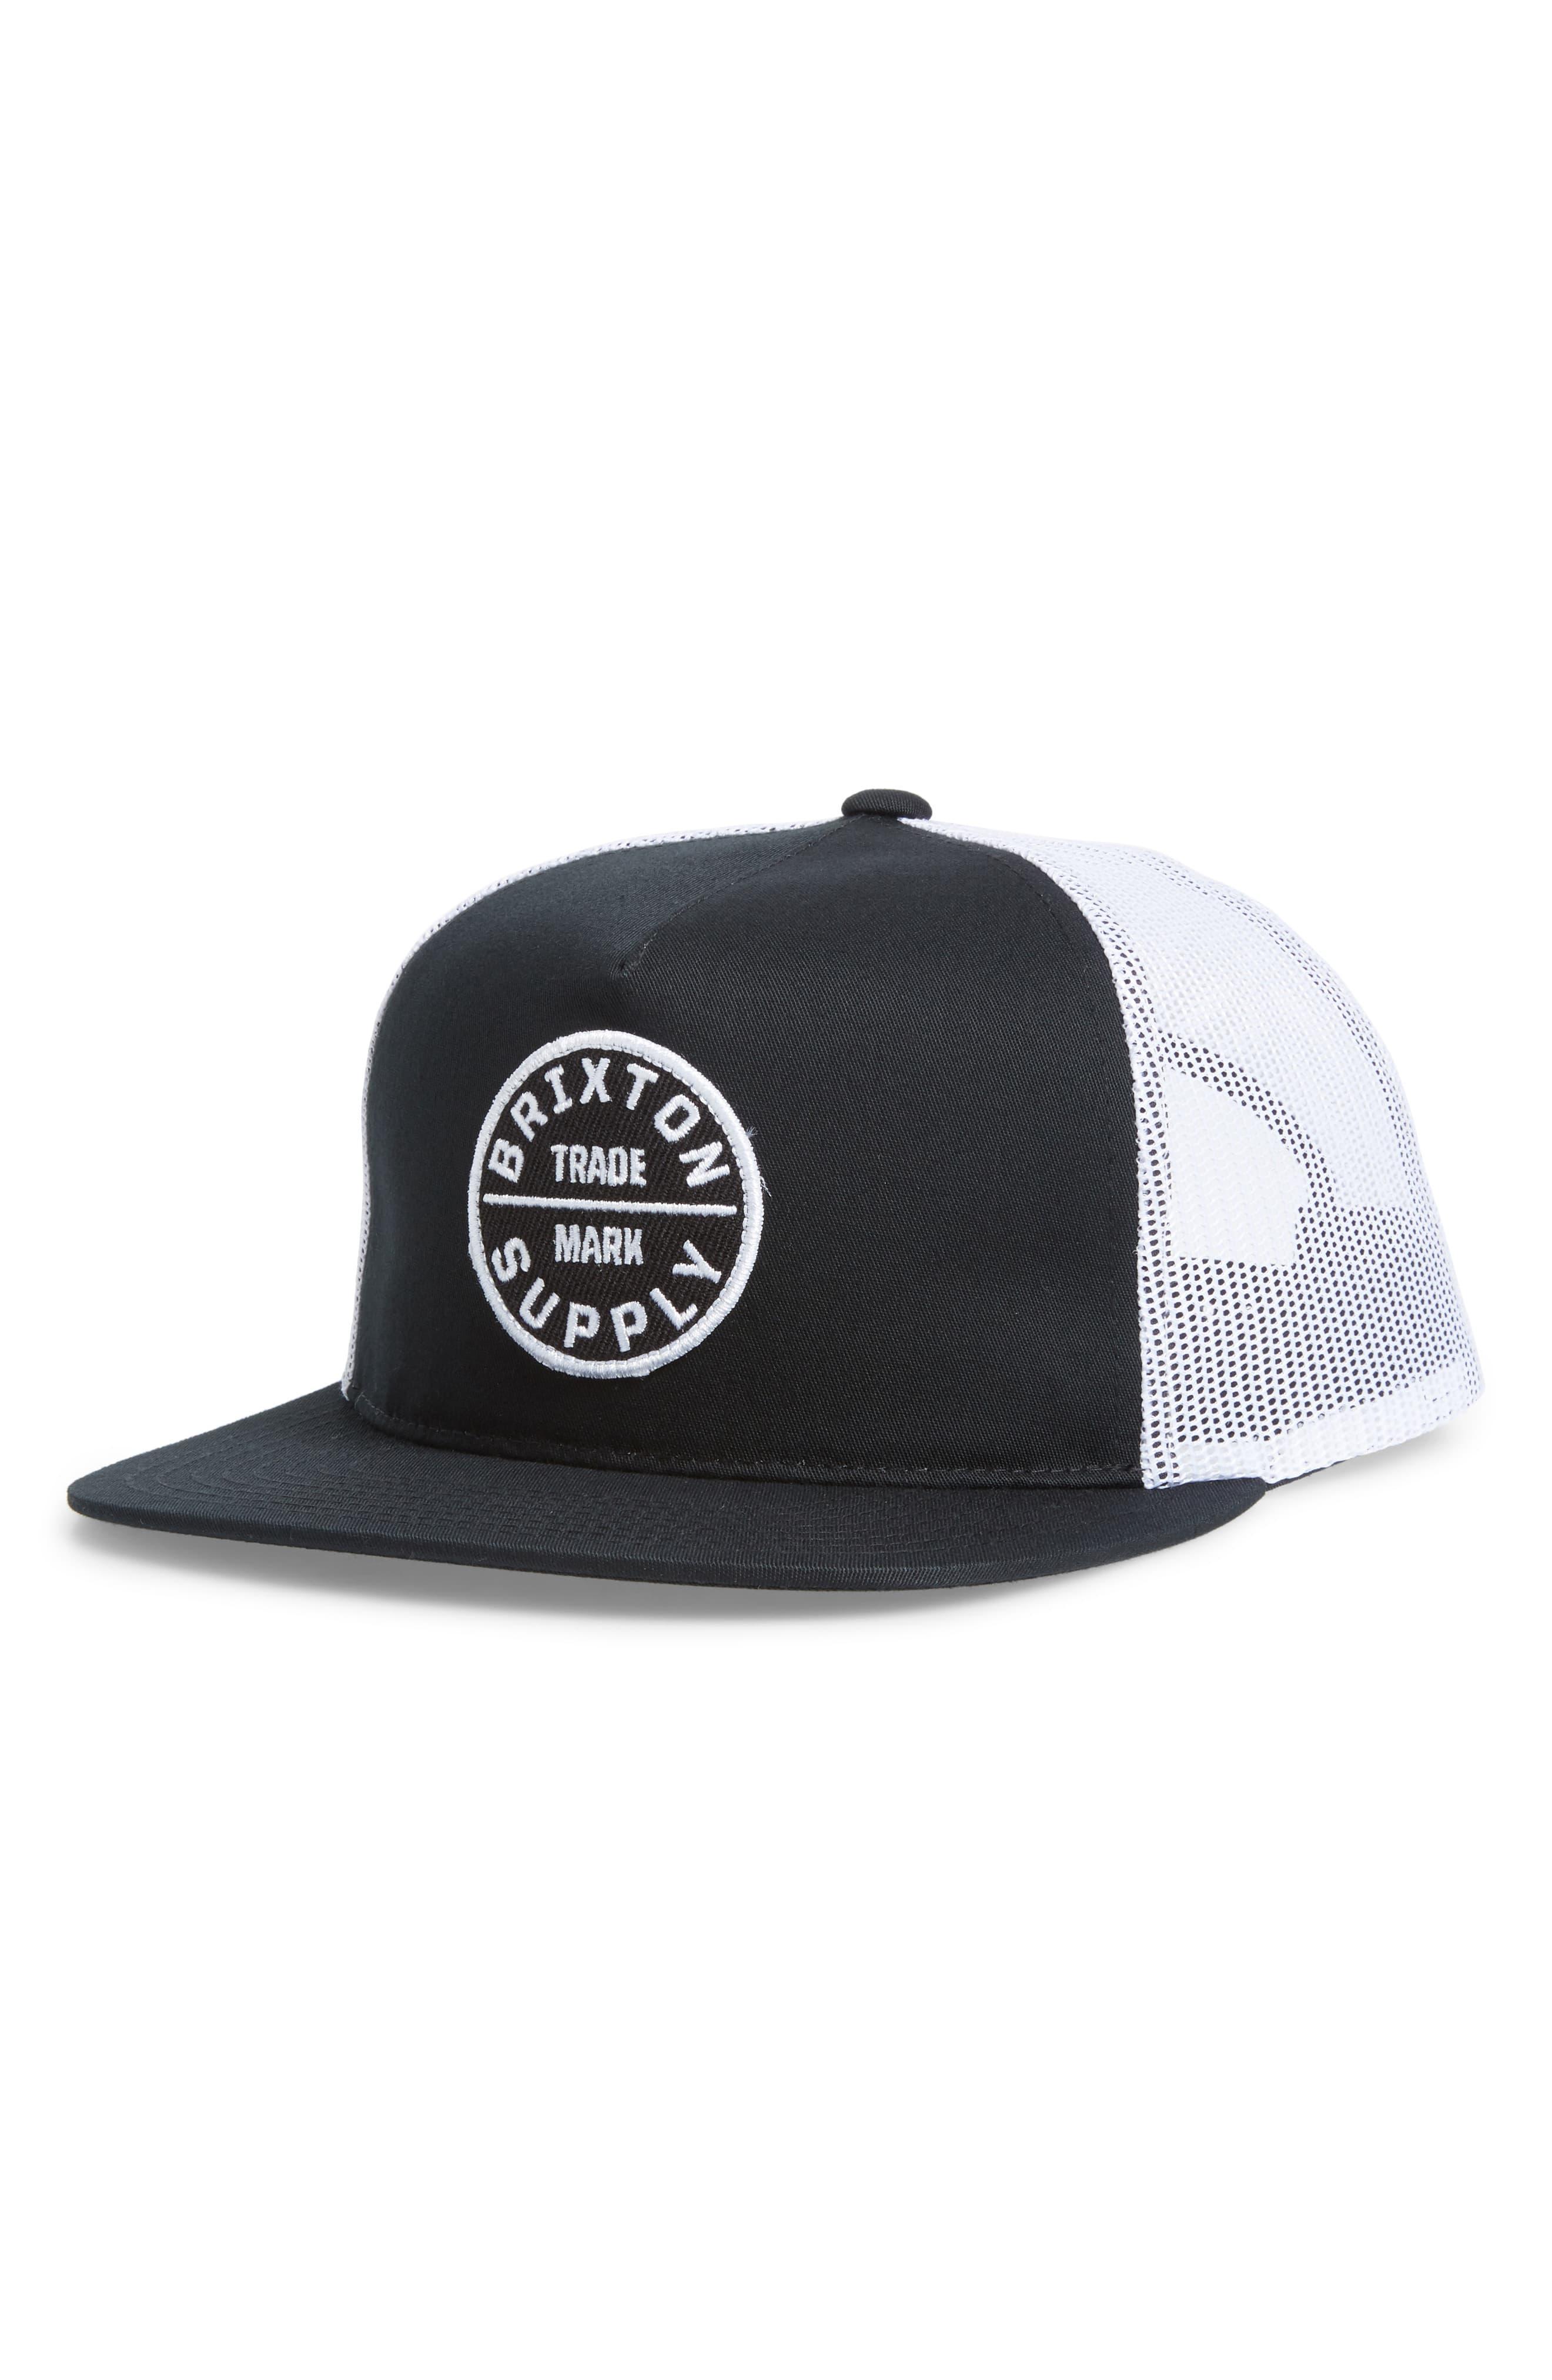 e3f453e4 Lyst - Brixton Oath Iii Trucker Hat in Black for Men - Save 57%